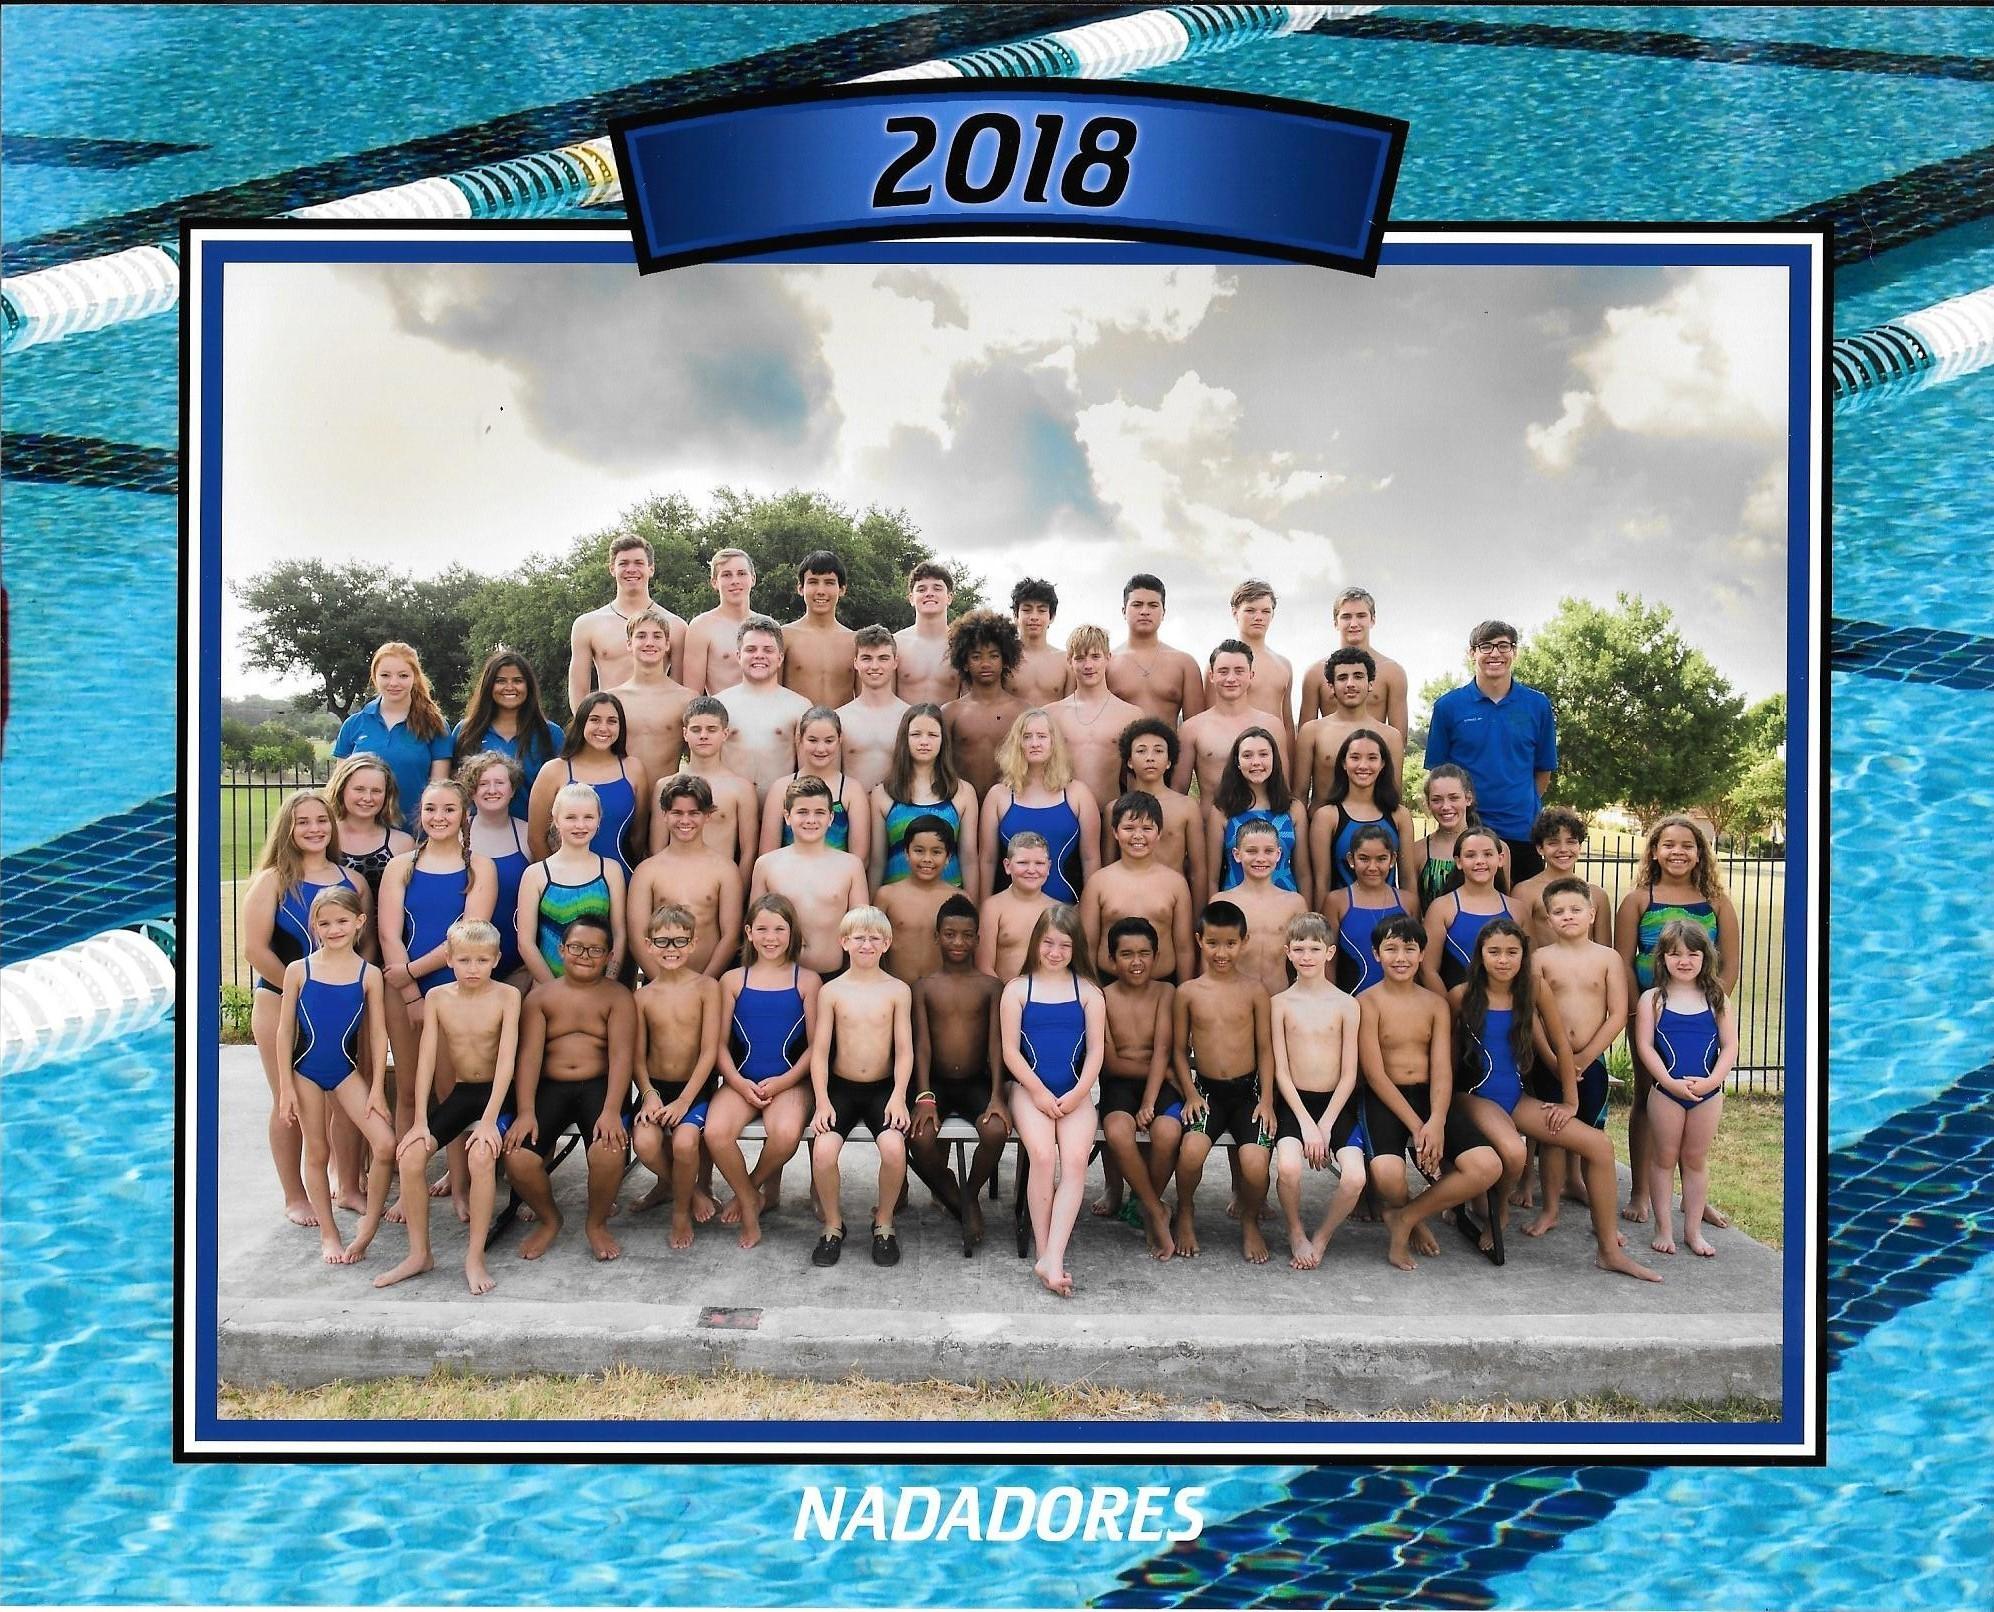 Nadadores 2017